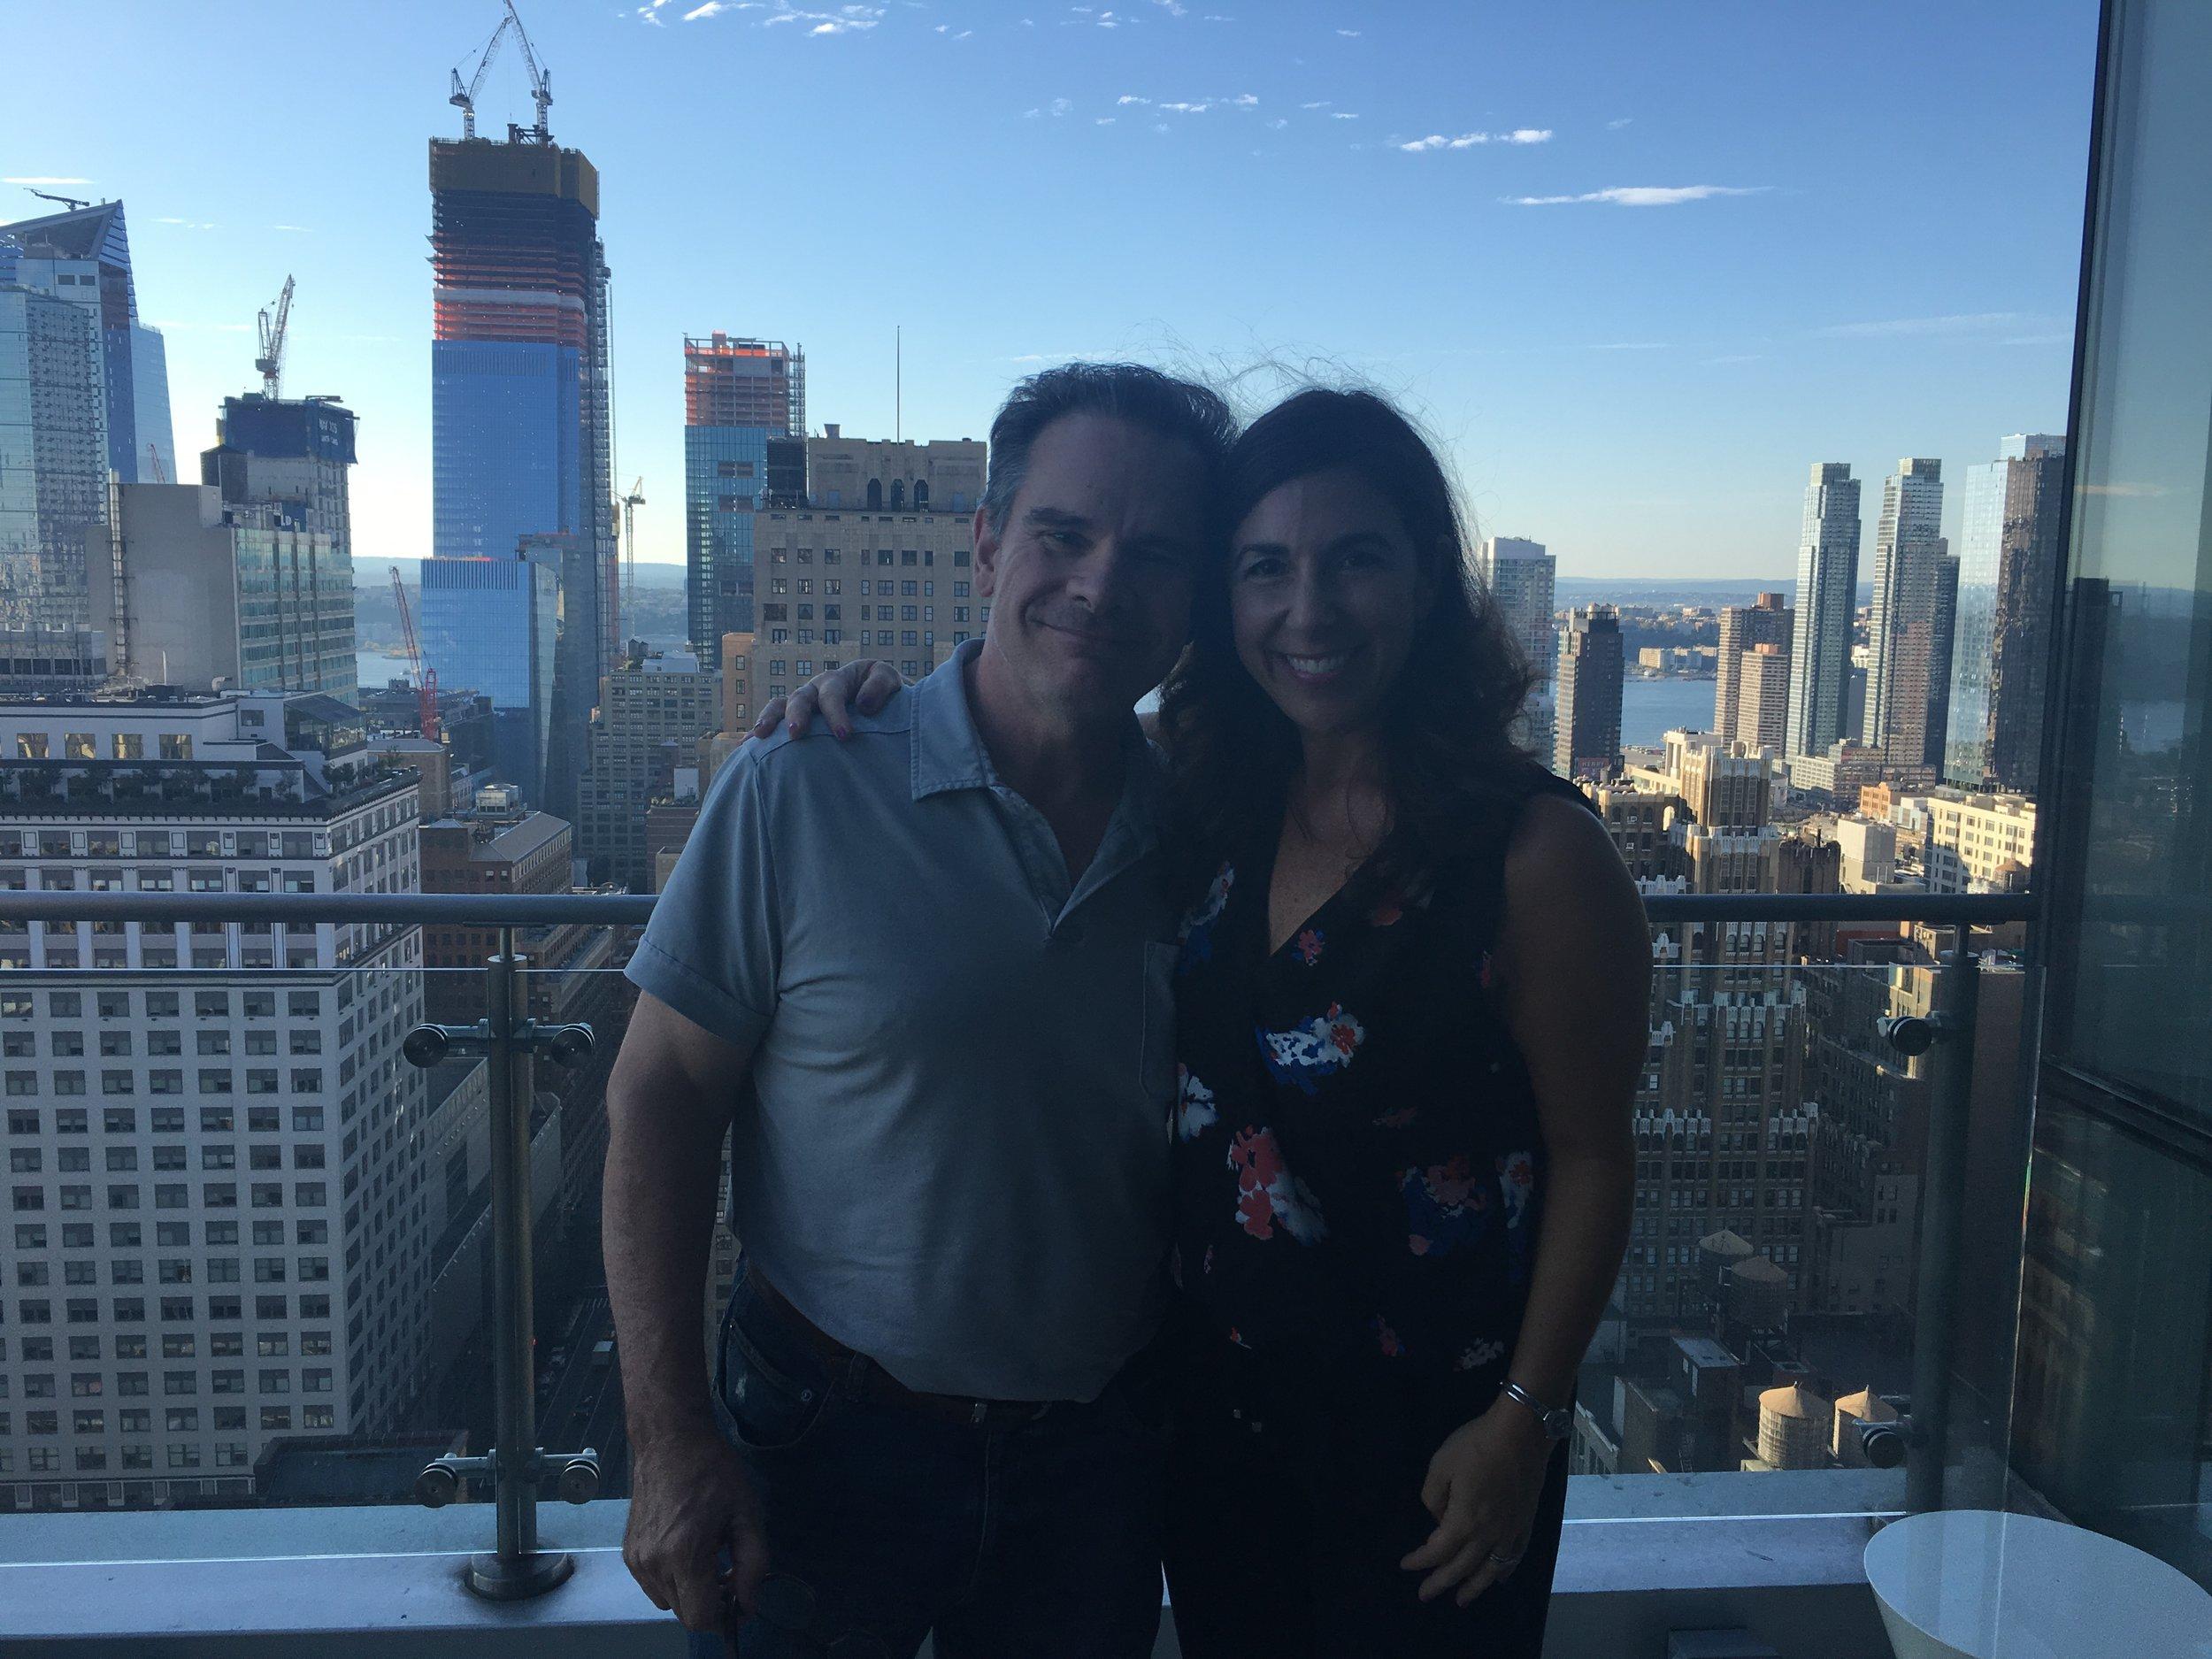 Peter Scolari and Kara Mayer Robinson